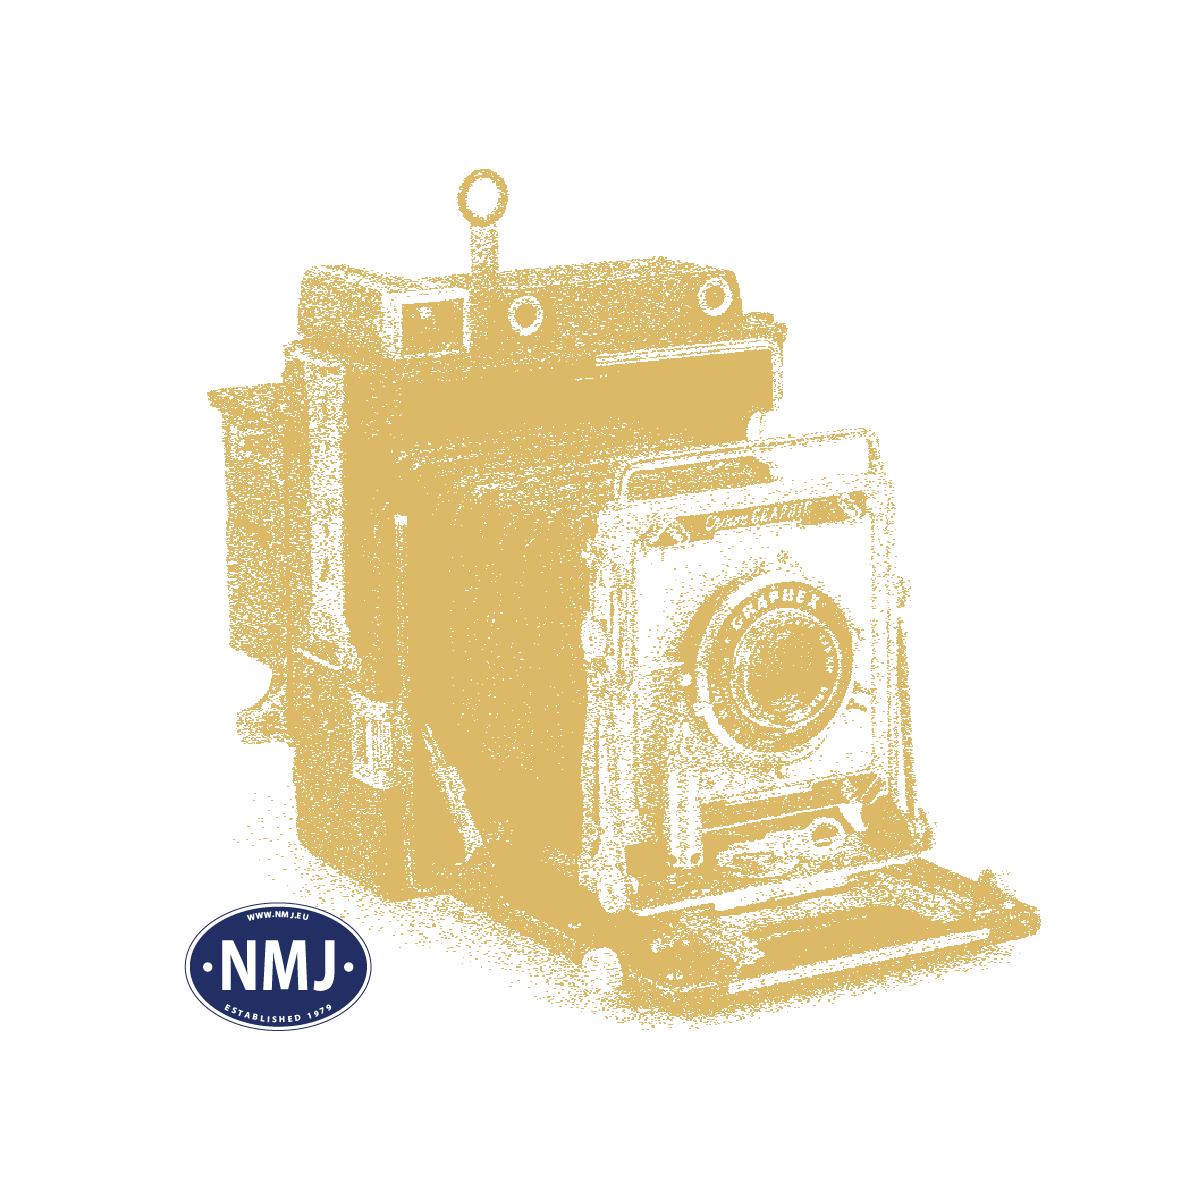 Superline Vogner, NMJ-Superline-NSB-Woodchip-waggon-Fbw-60300567-T1-handmade brassmodel-HO, NMJSFb0056